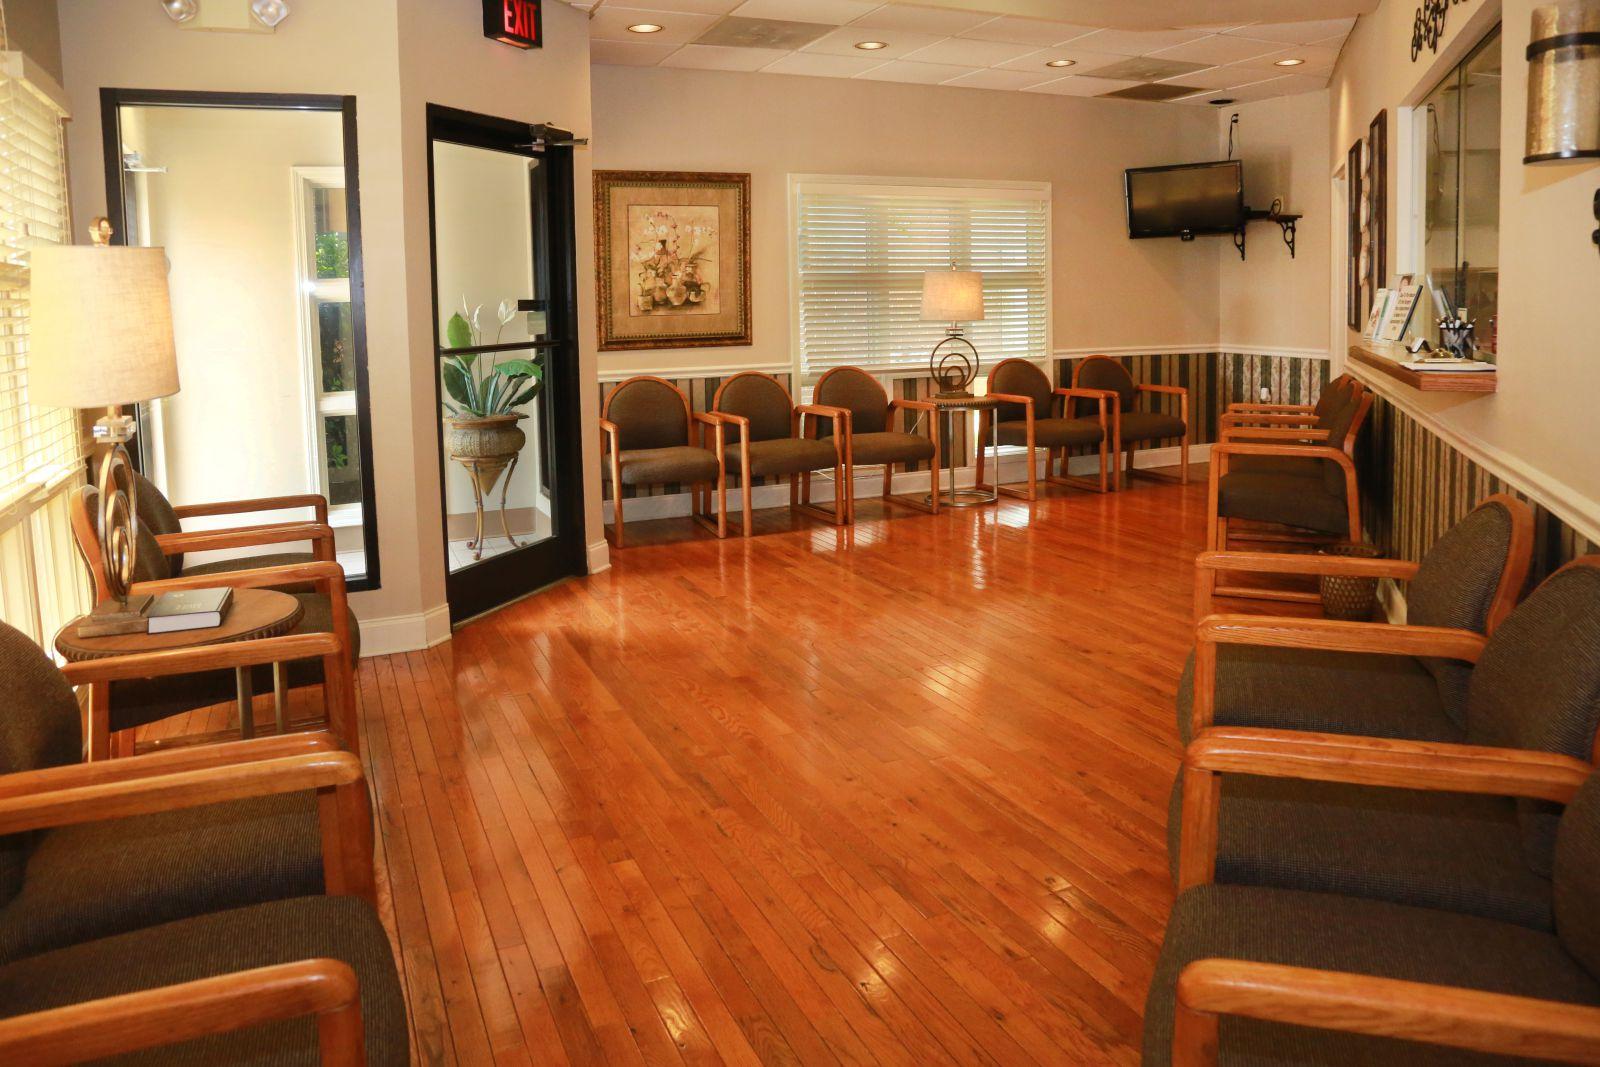 etoms maryville TN Office lobby